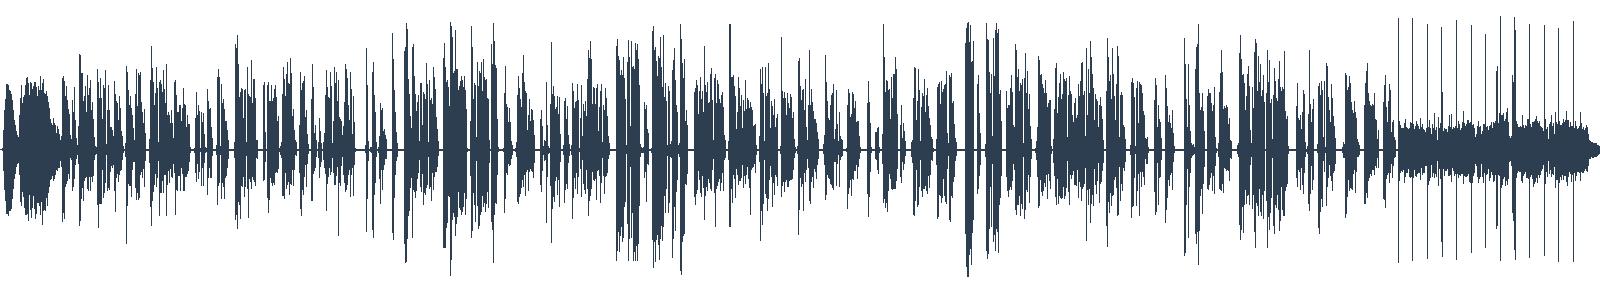 Američtí bohové - ukázka z audioknihy waveform